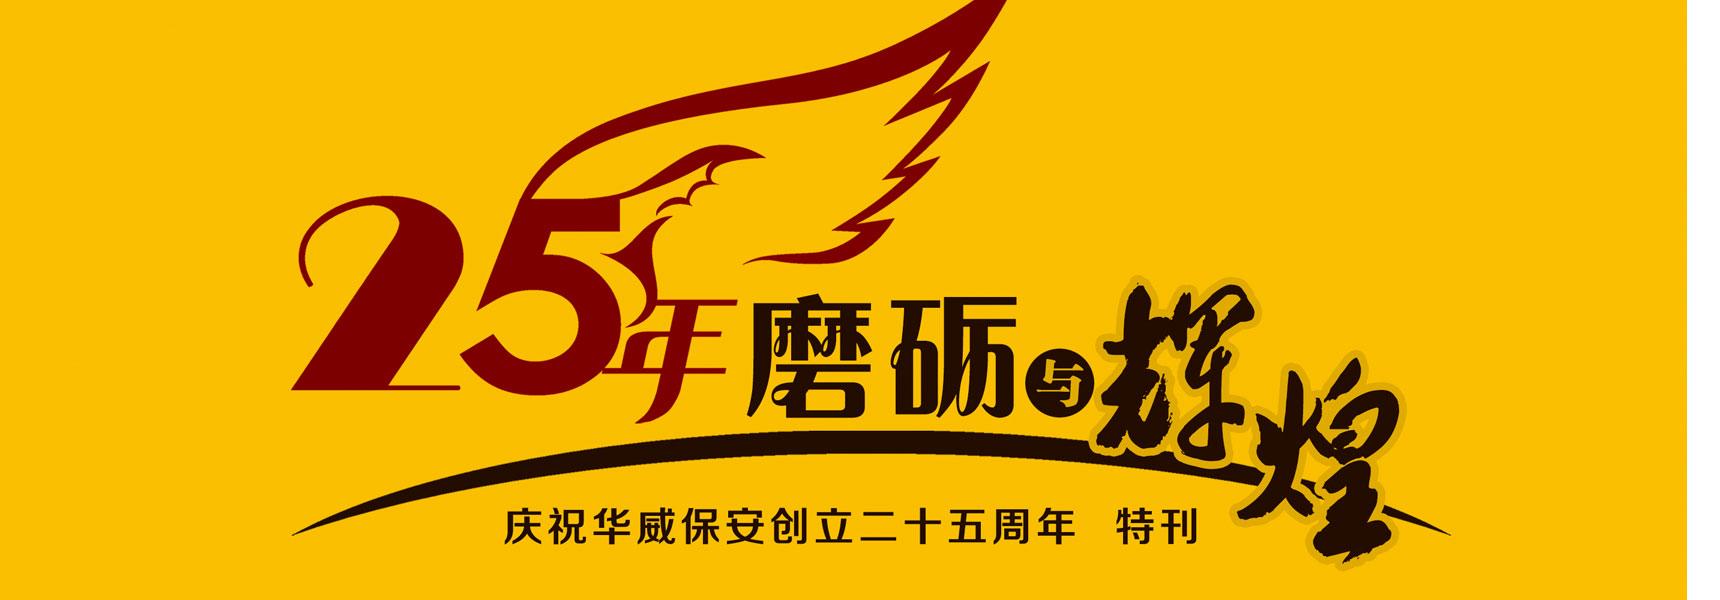 庆祝山东华威保安创立25周年特刊发布